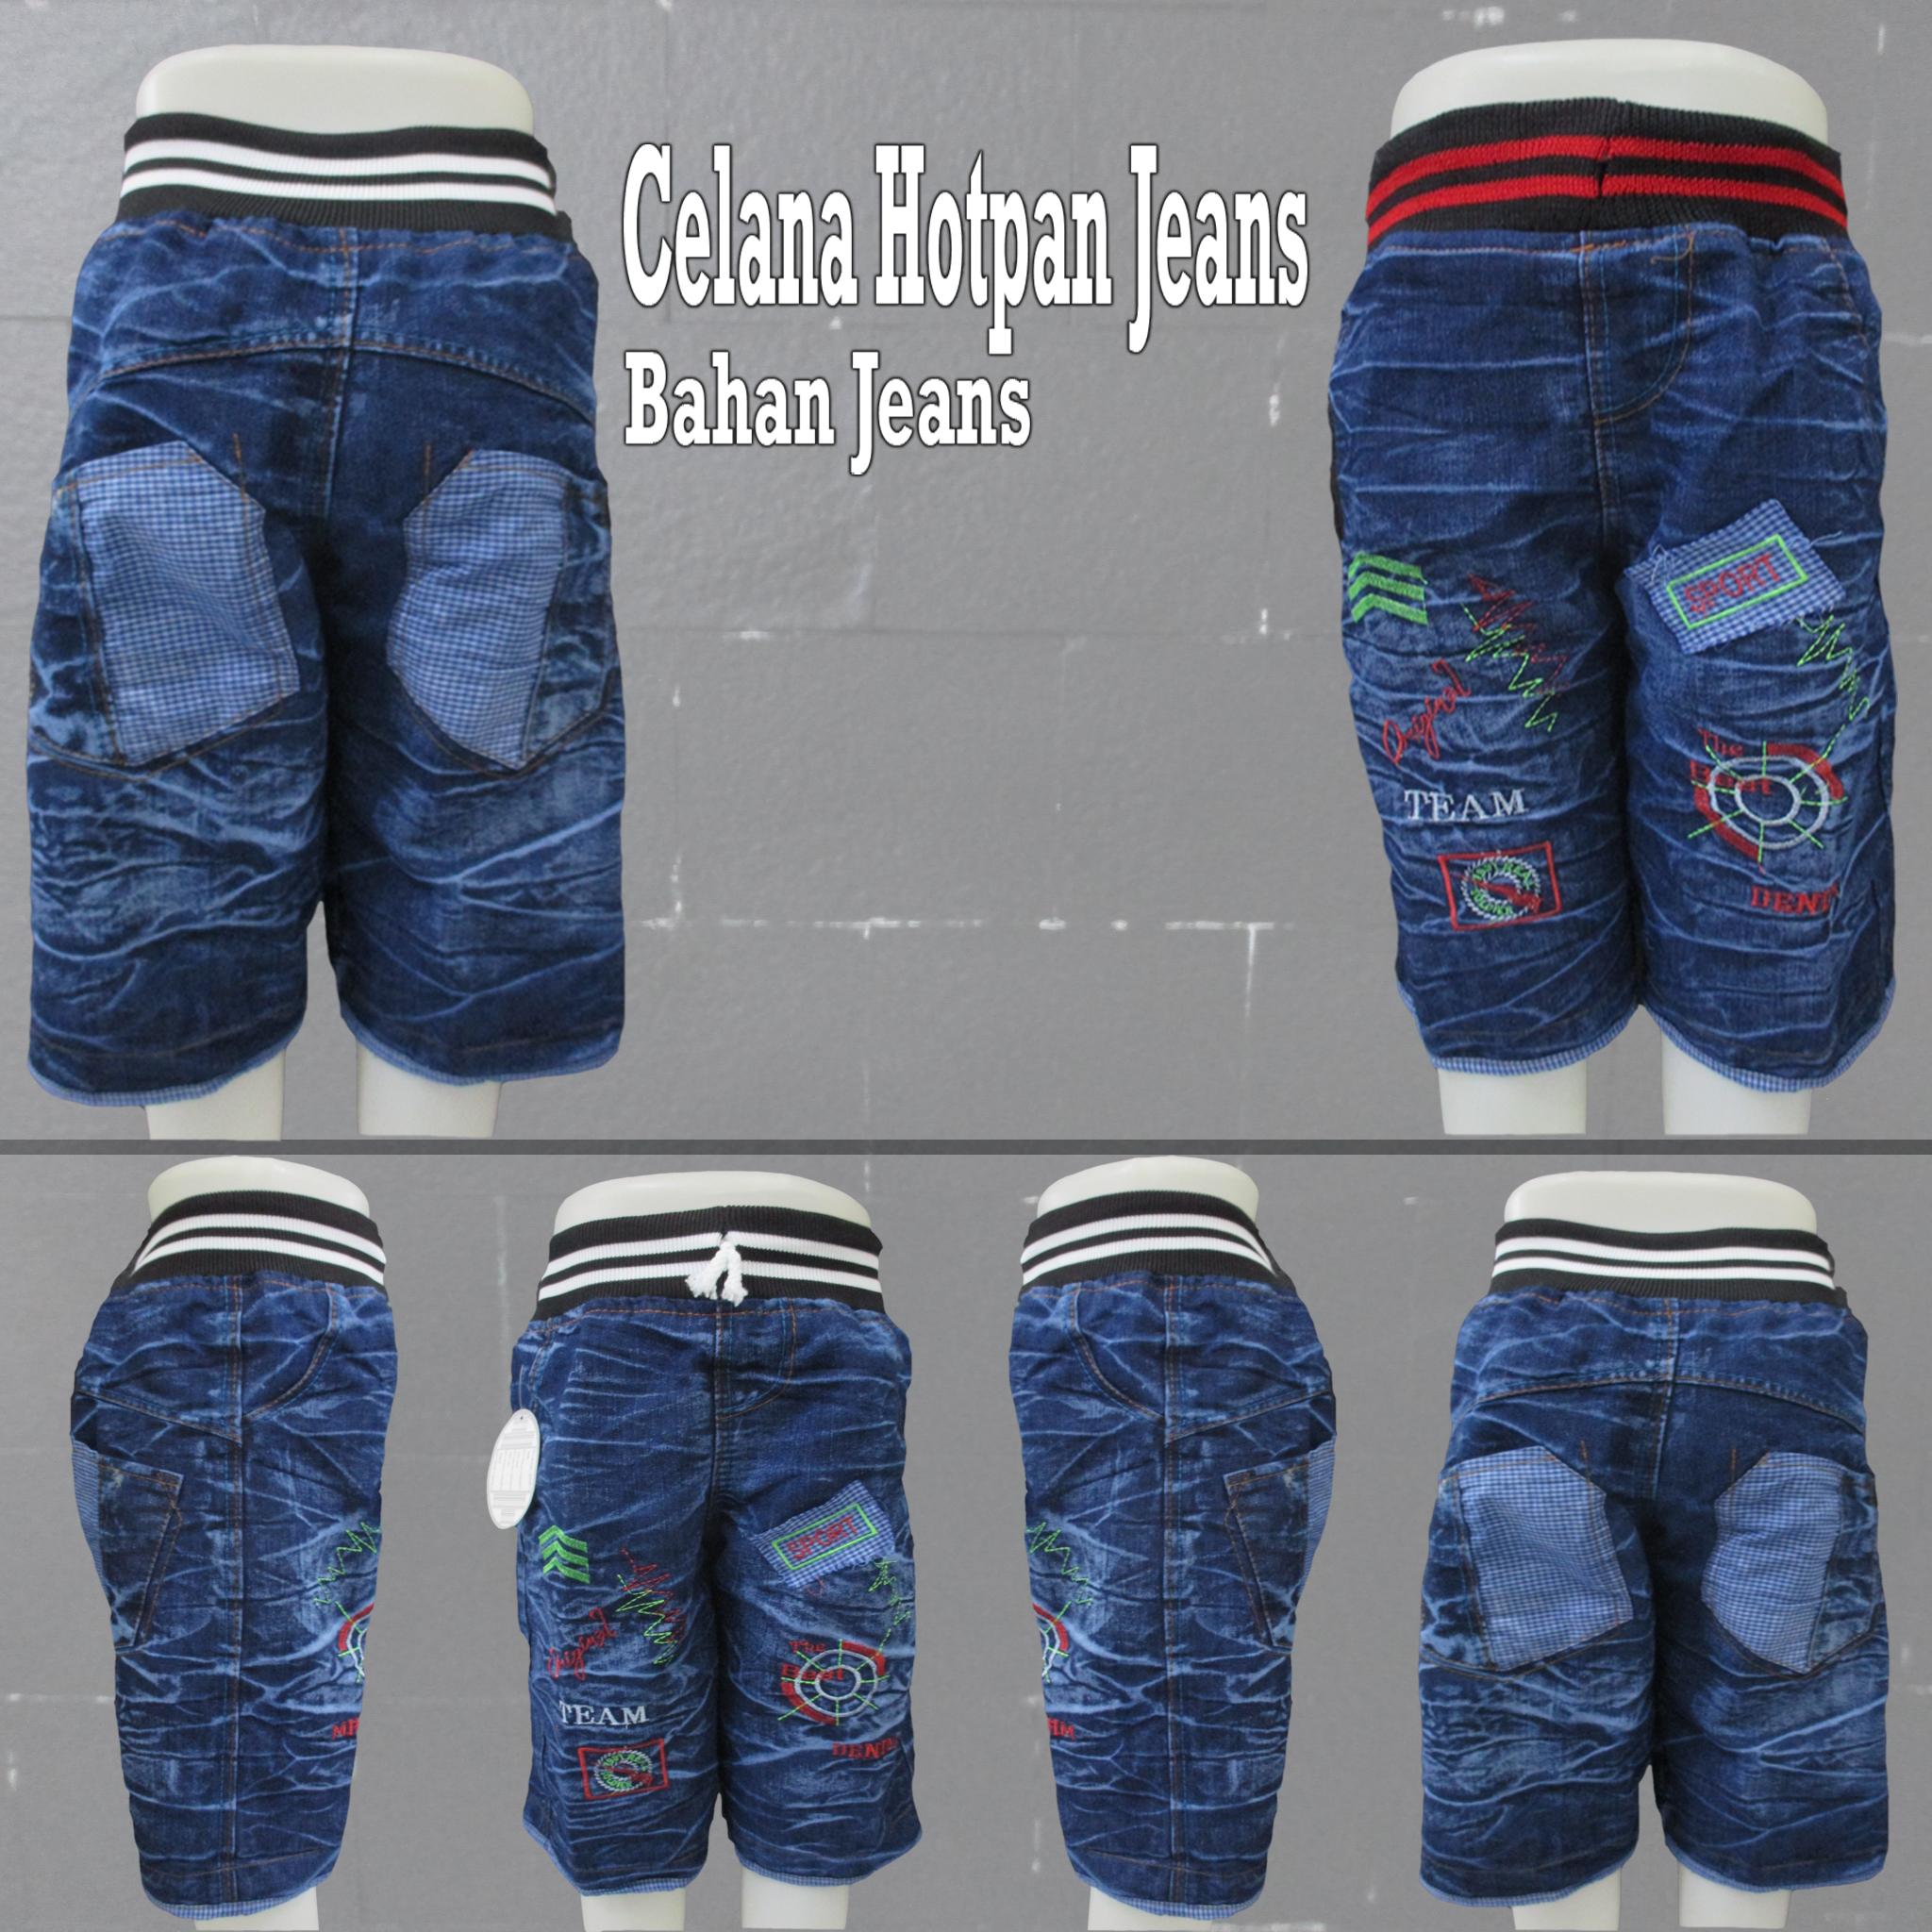 Pusat Grosir Baju Murah Solo Klewer 2019 Sentra Grosir Celana Jeans Anak Murah 32ribuan